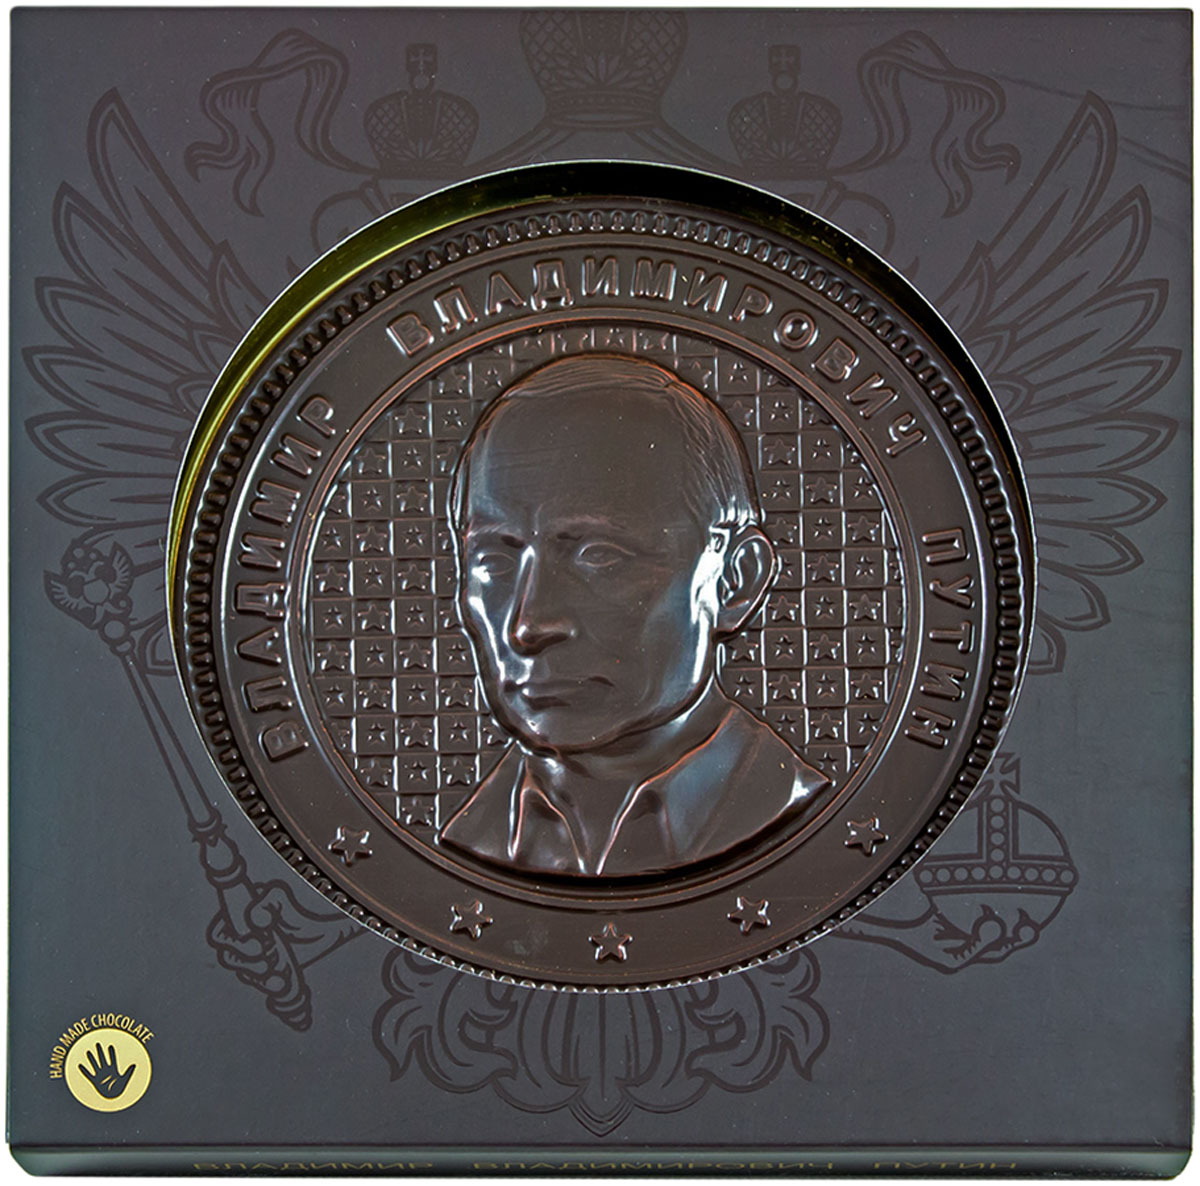 Райская птица Тёмный шоколад 71% фигурный медаль Путин В.В., 90 г тёмный шоколад ручной работы ciokarrua 50% какао с апельсином 100 г